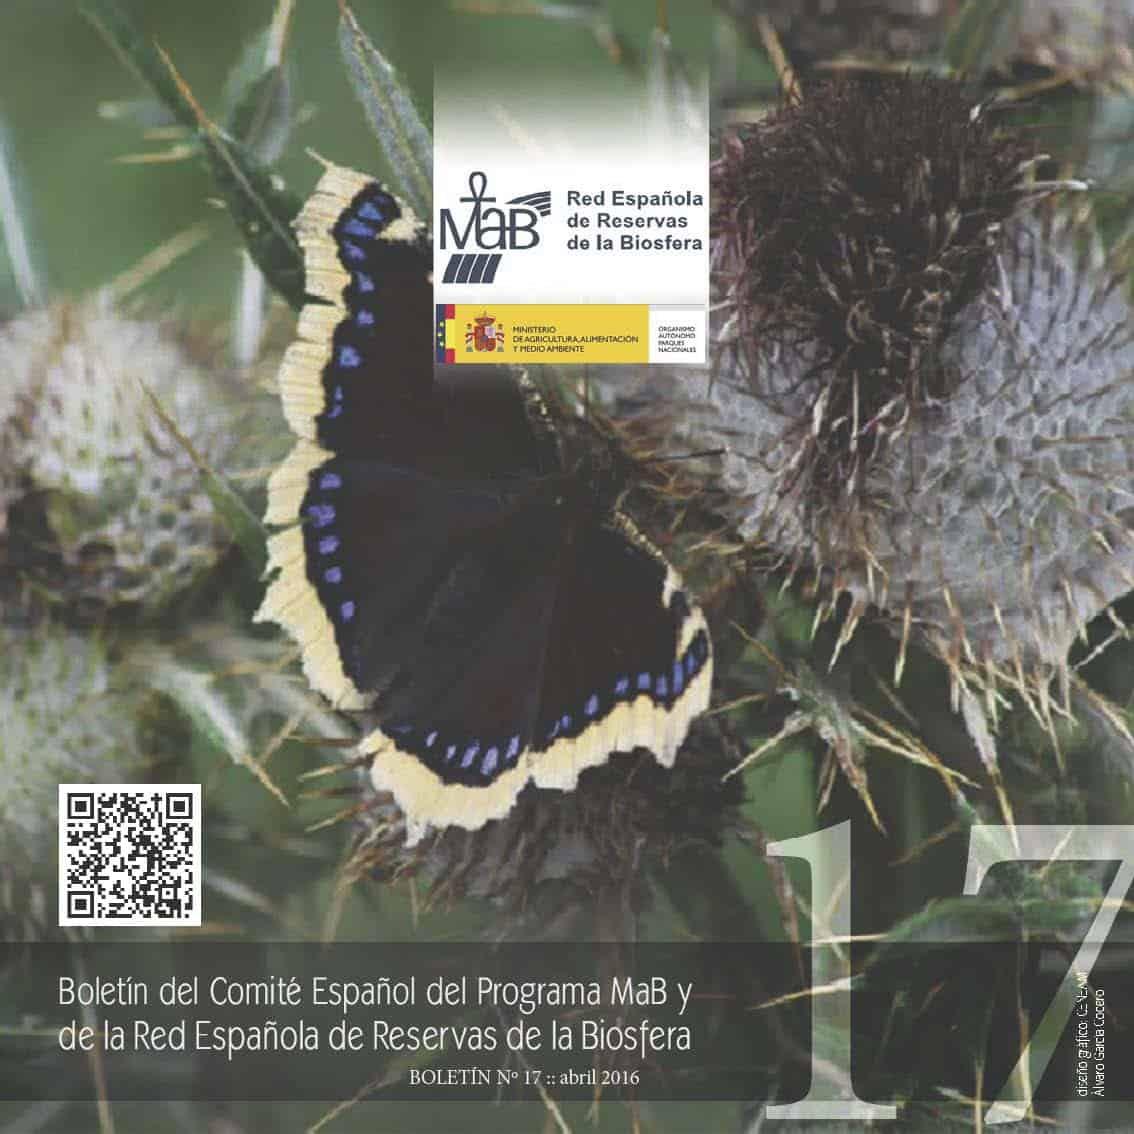 Ya está disponible el último número del Boletín del Comité Español del Programa MaB y de la Red de Reservas de Biosfera Españolas